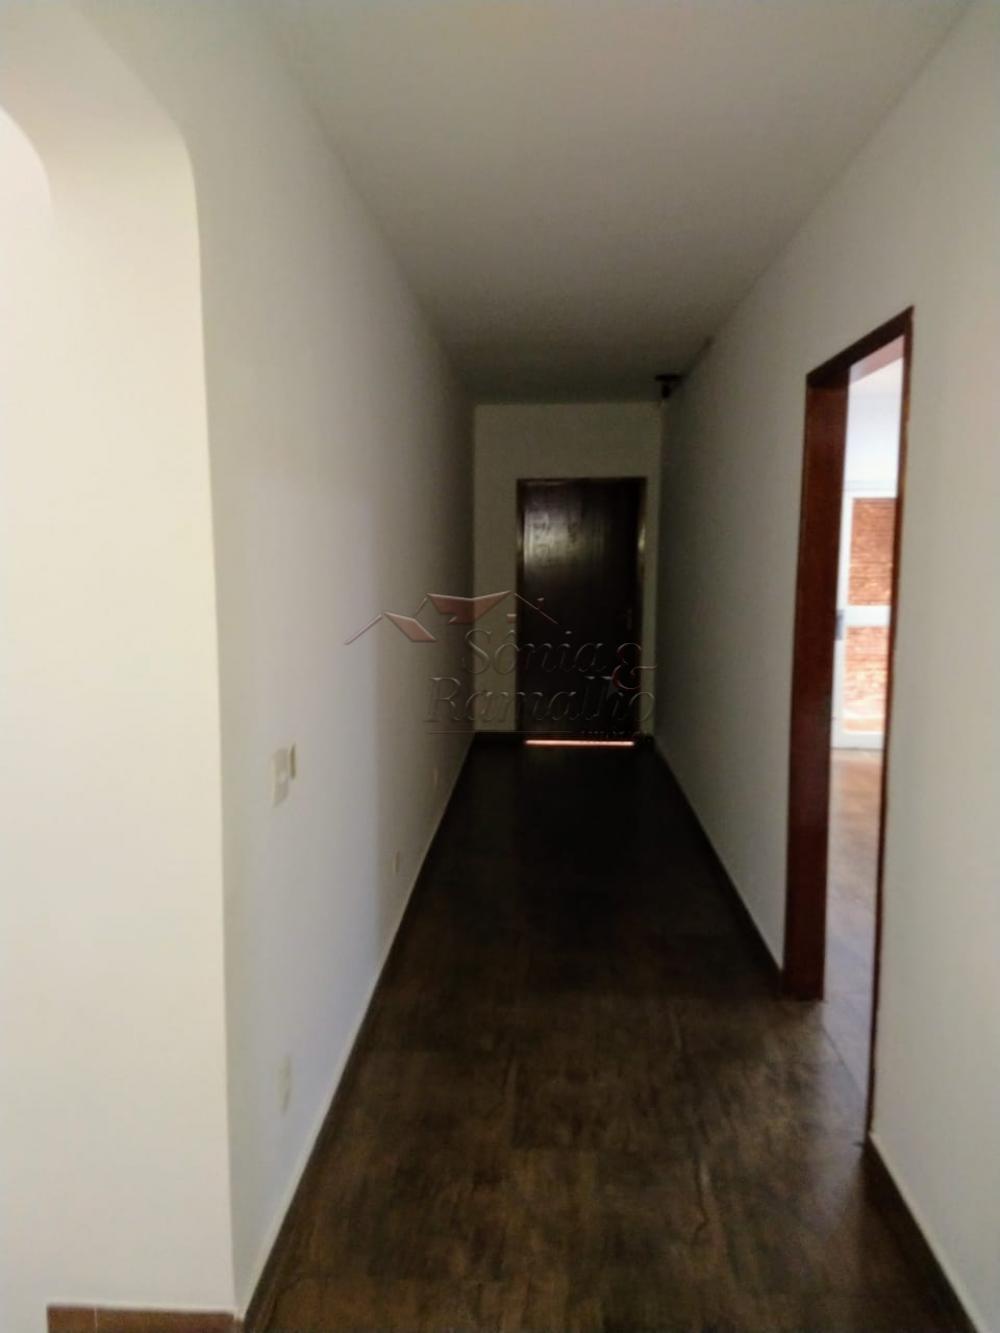 Alugar Comercial / Imóvel Comercial em Ribeirão Preto R$ 4.900,00 - Foto 32